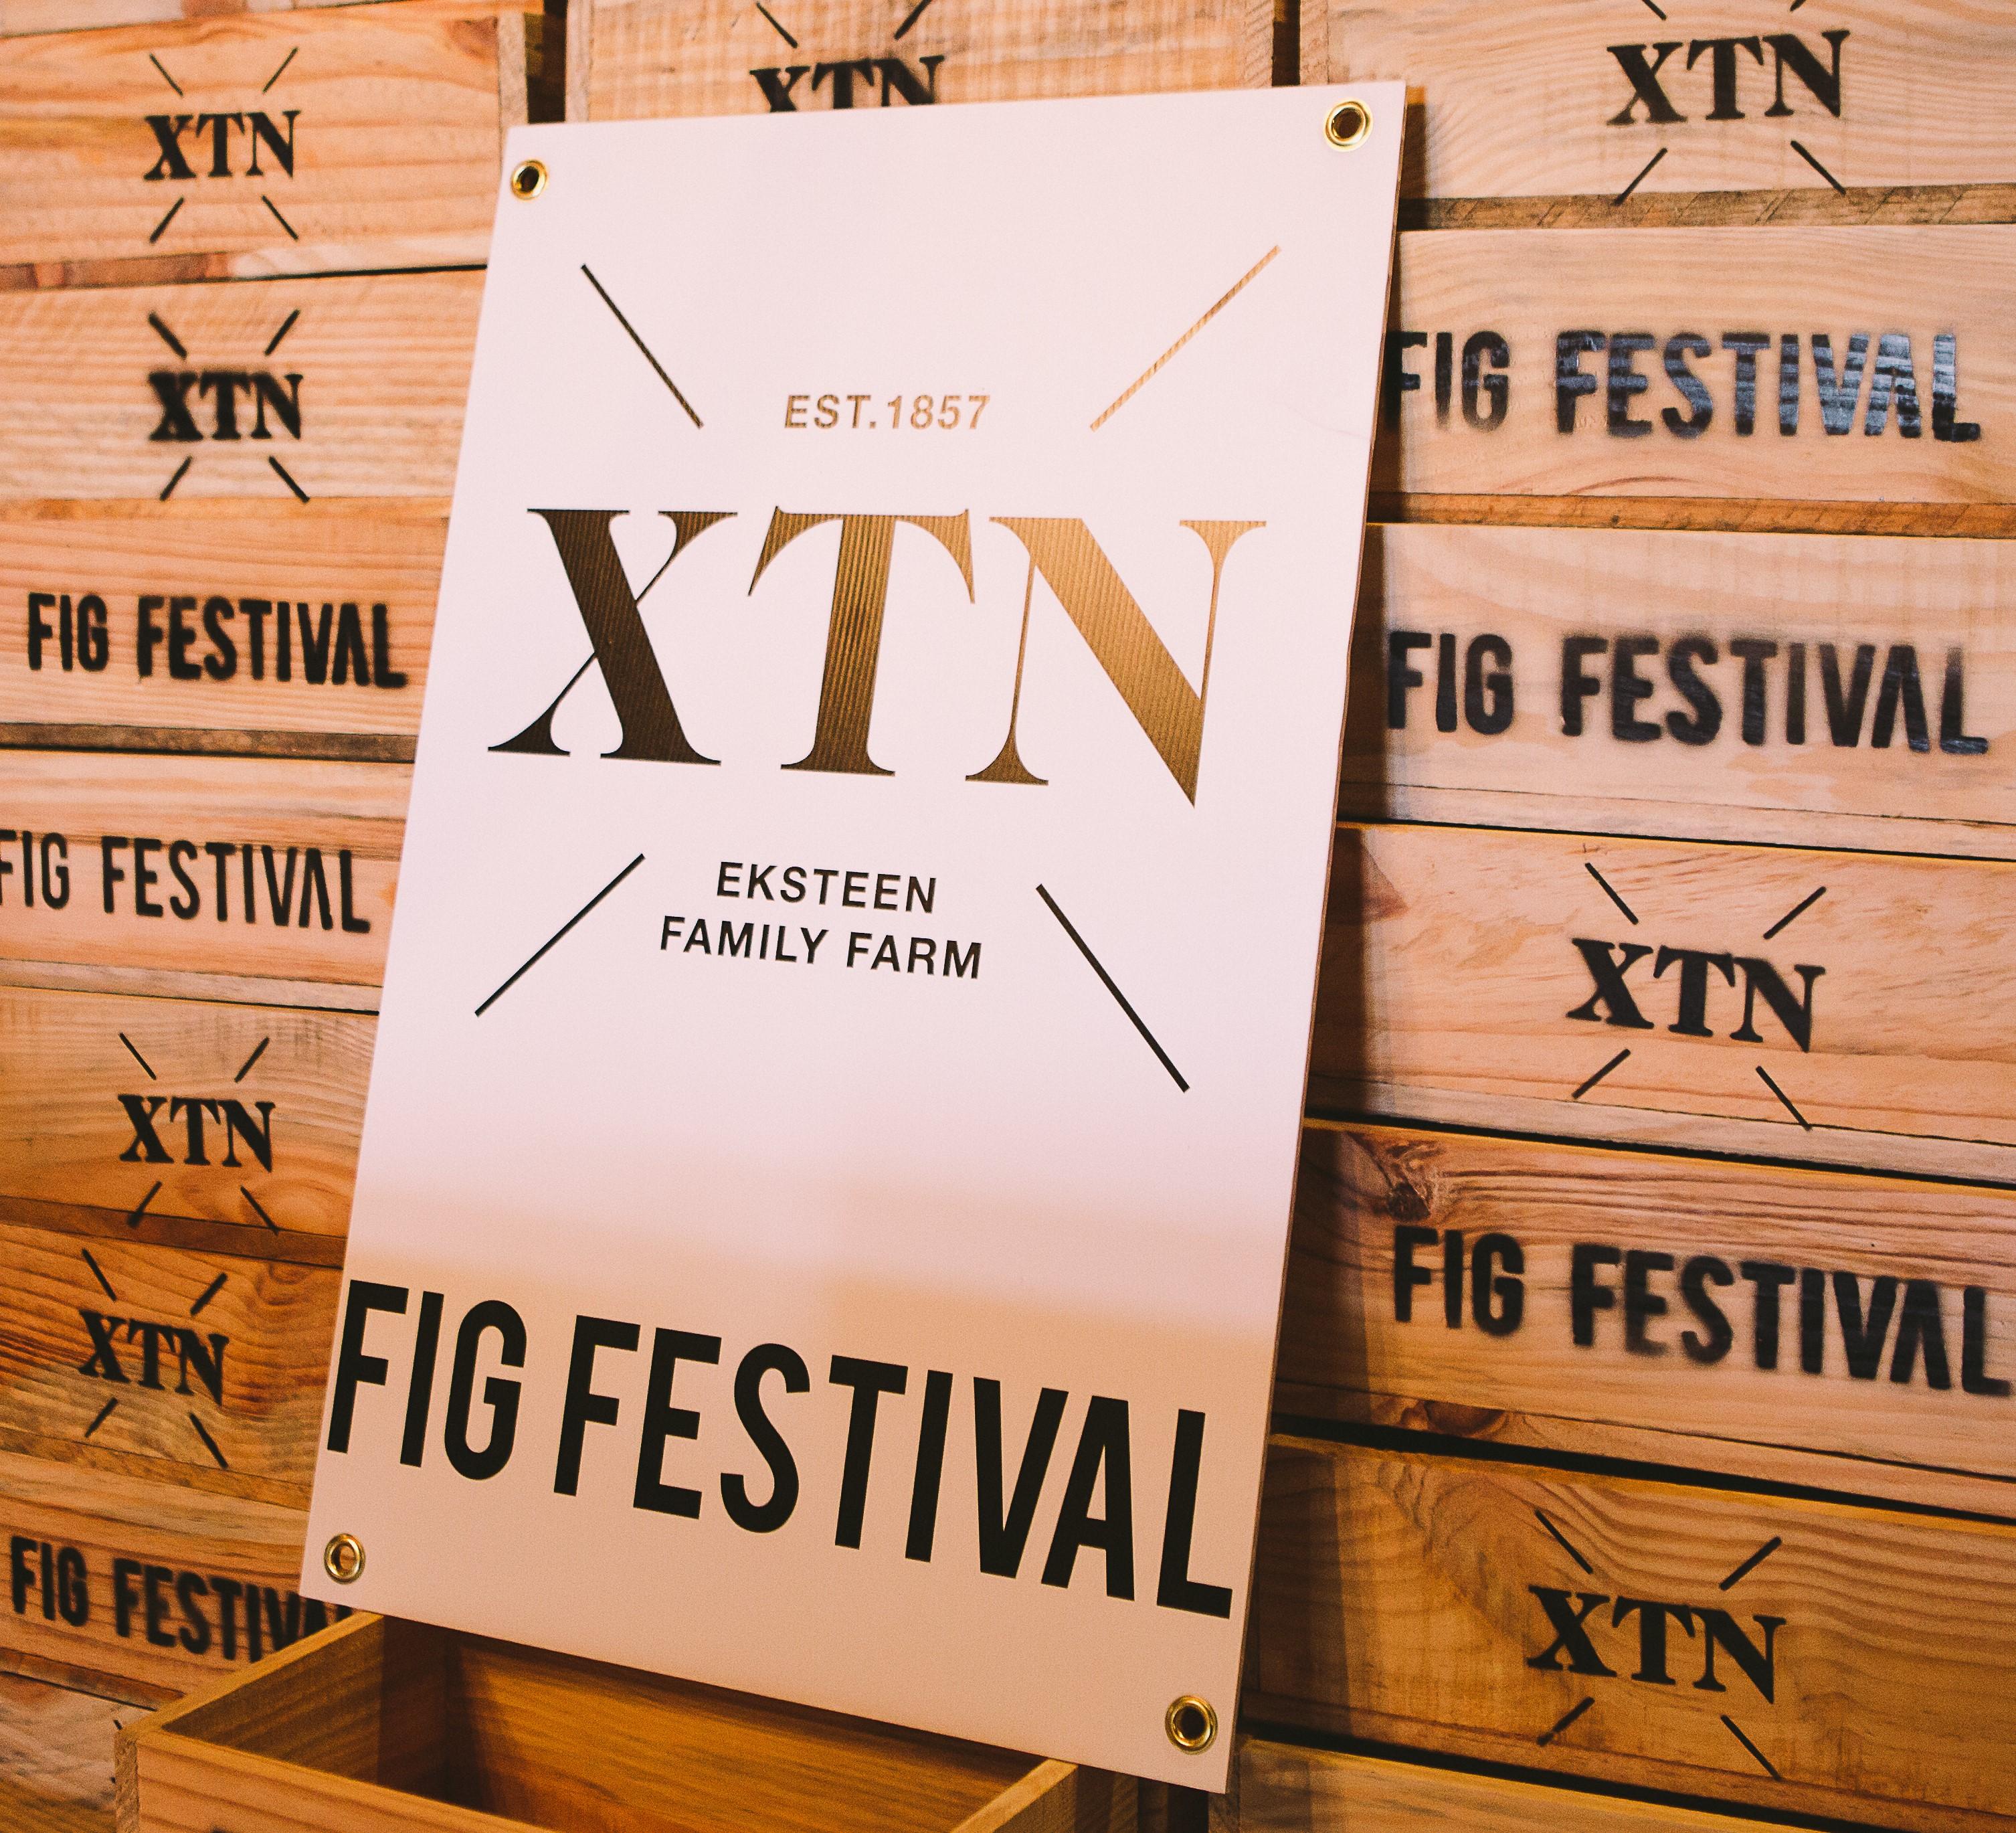 XTN Fig Festival